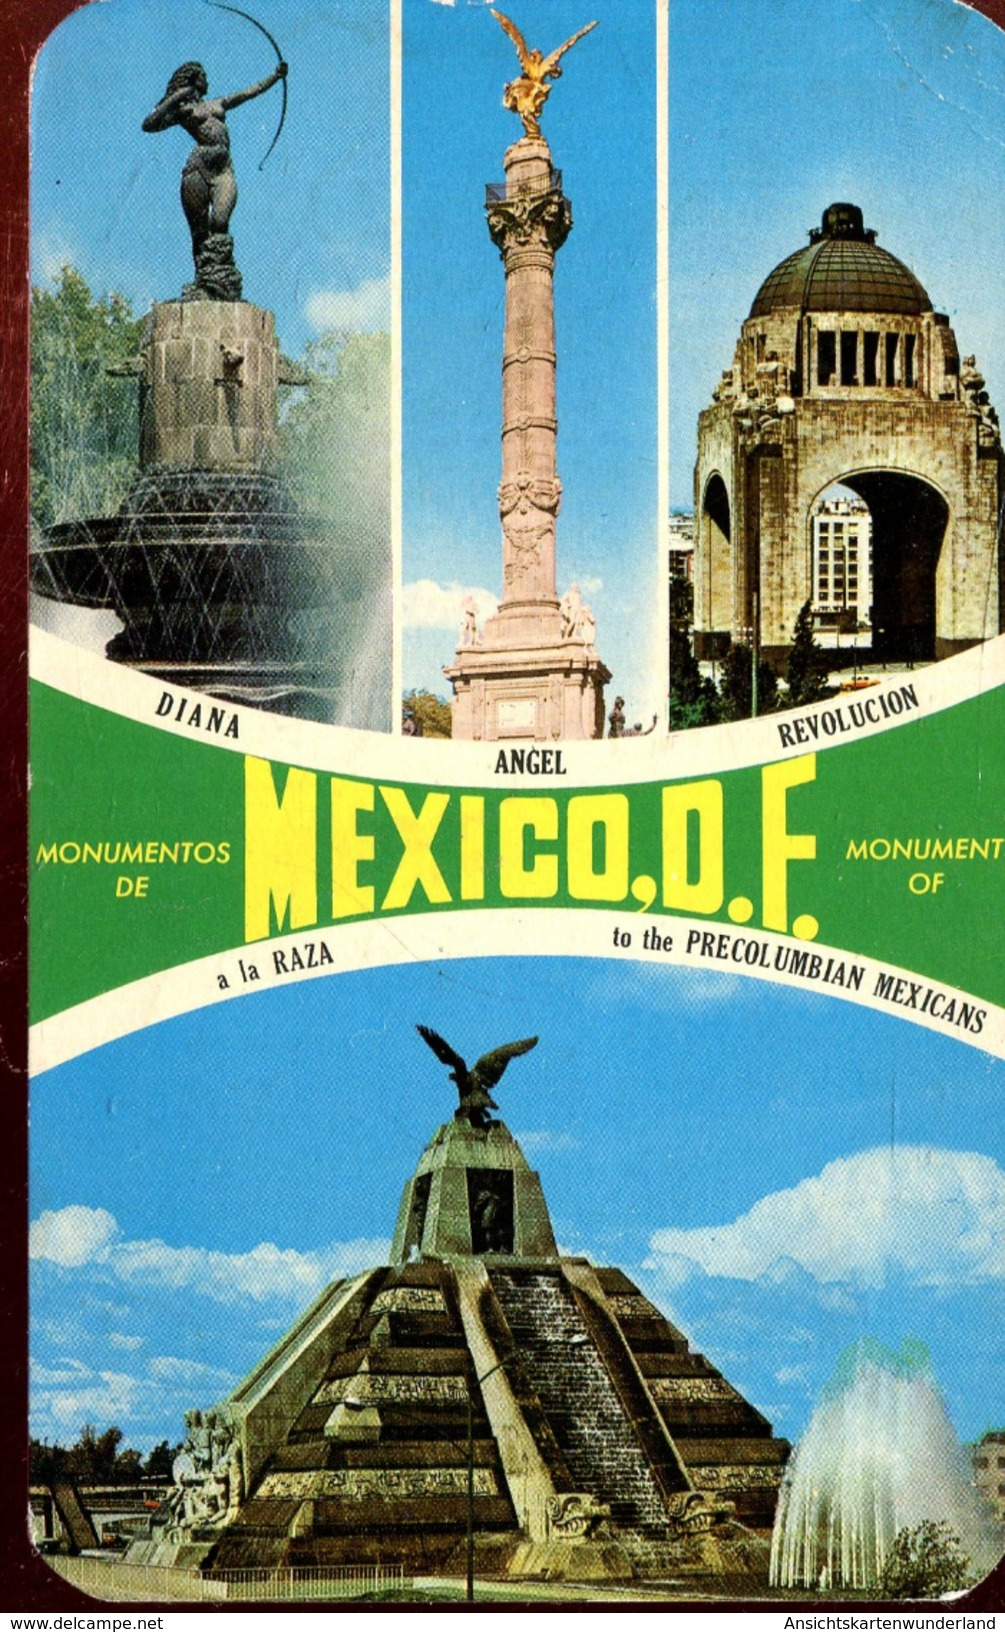 Monumentos De Mexico D. F. 1971 (000452) - Mexiko